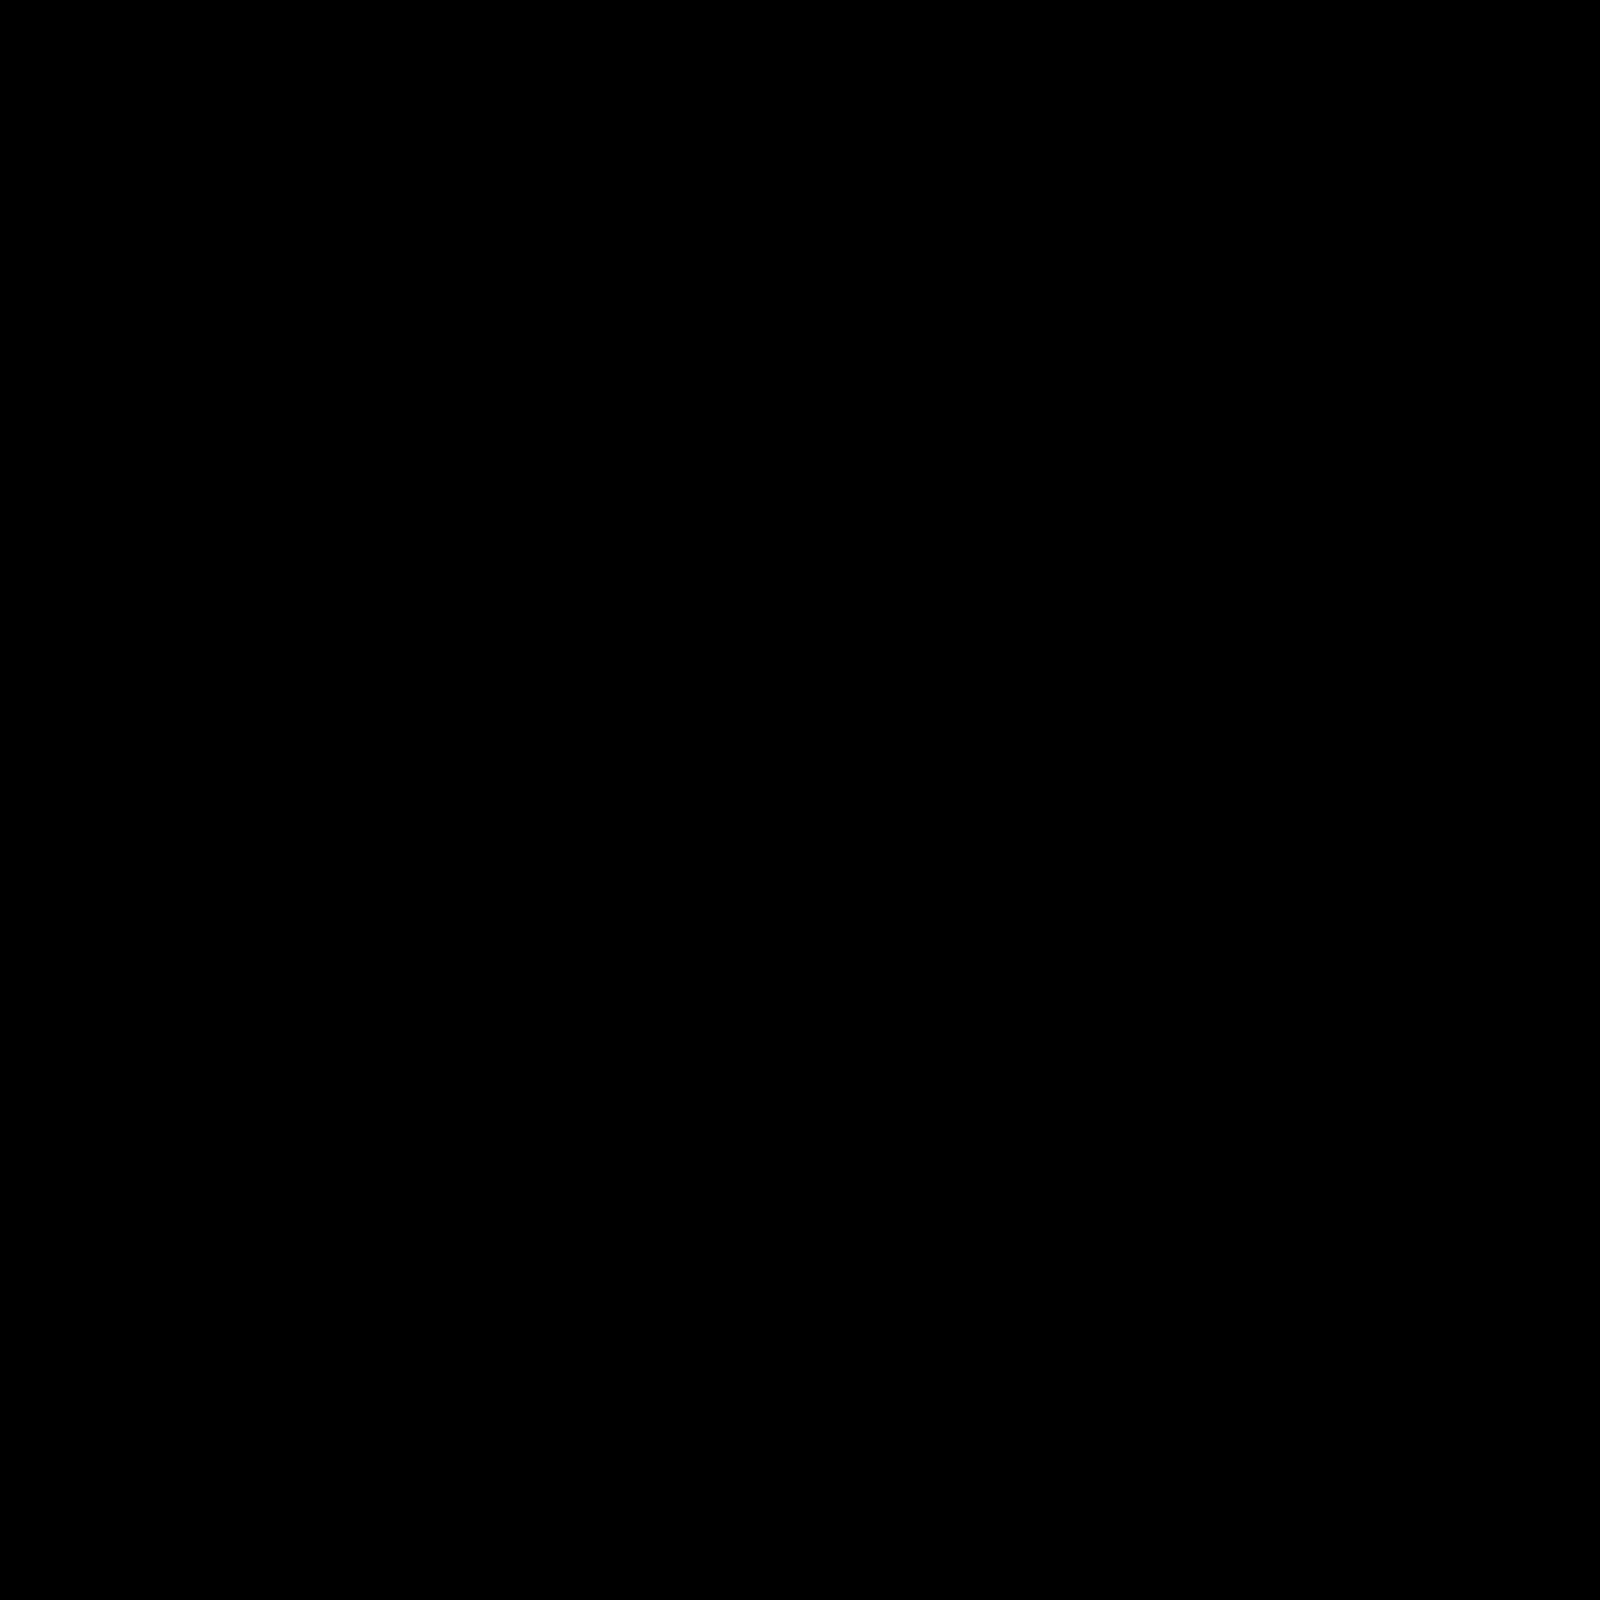 Сloudshot icon